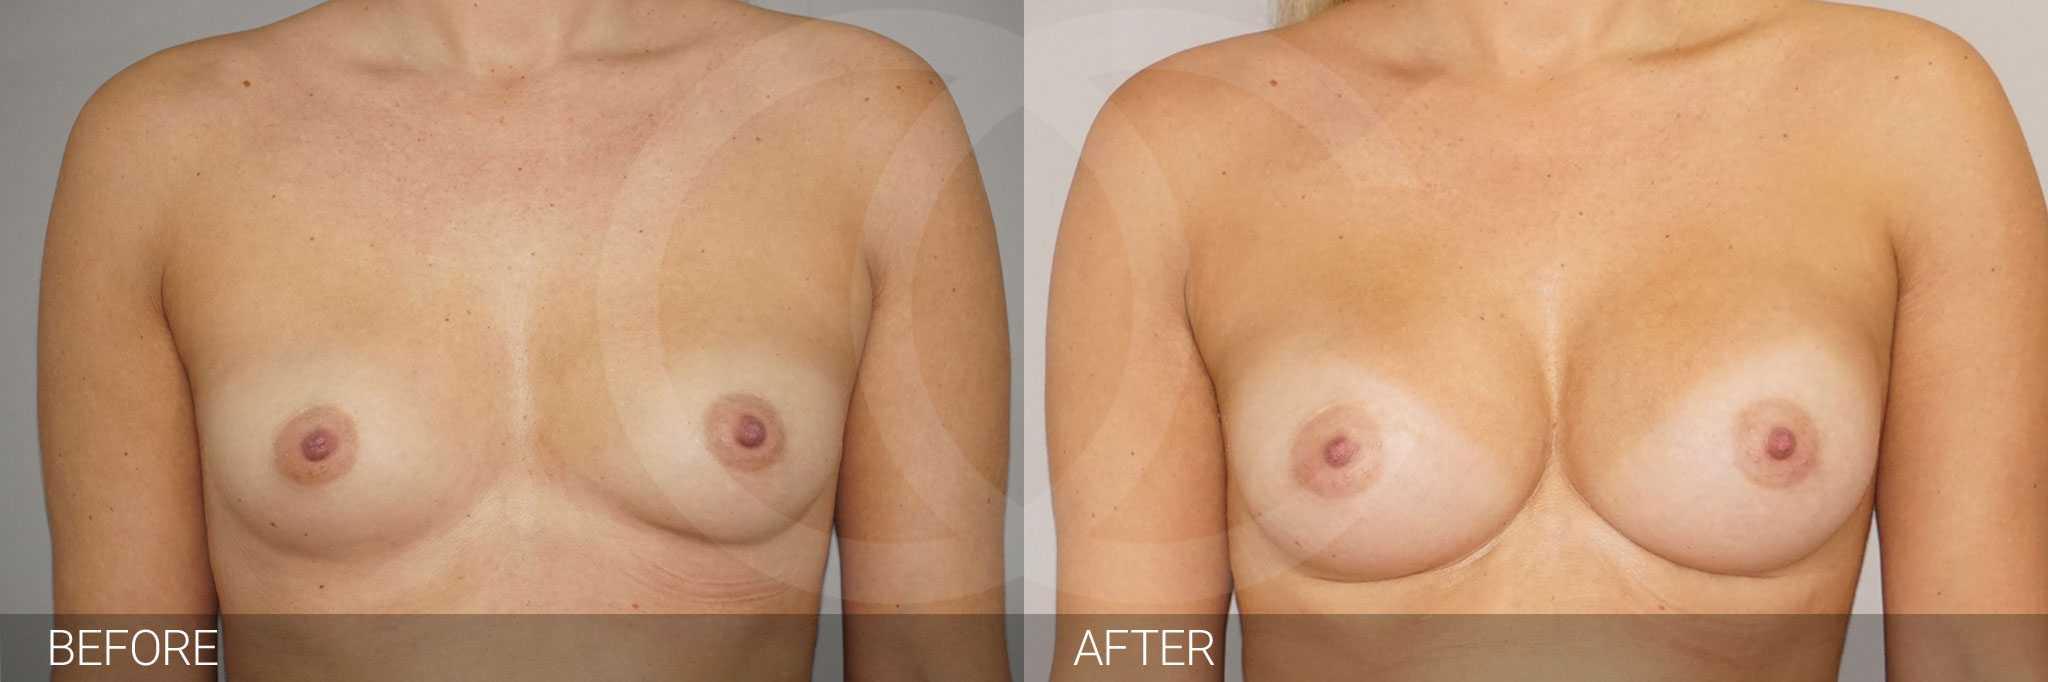 Augmentation mammaire 280cc anatomique profil haut prothèses mammaires ante/post-op I